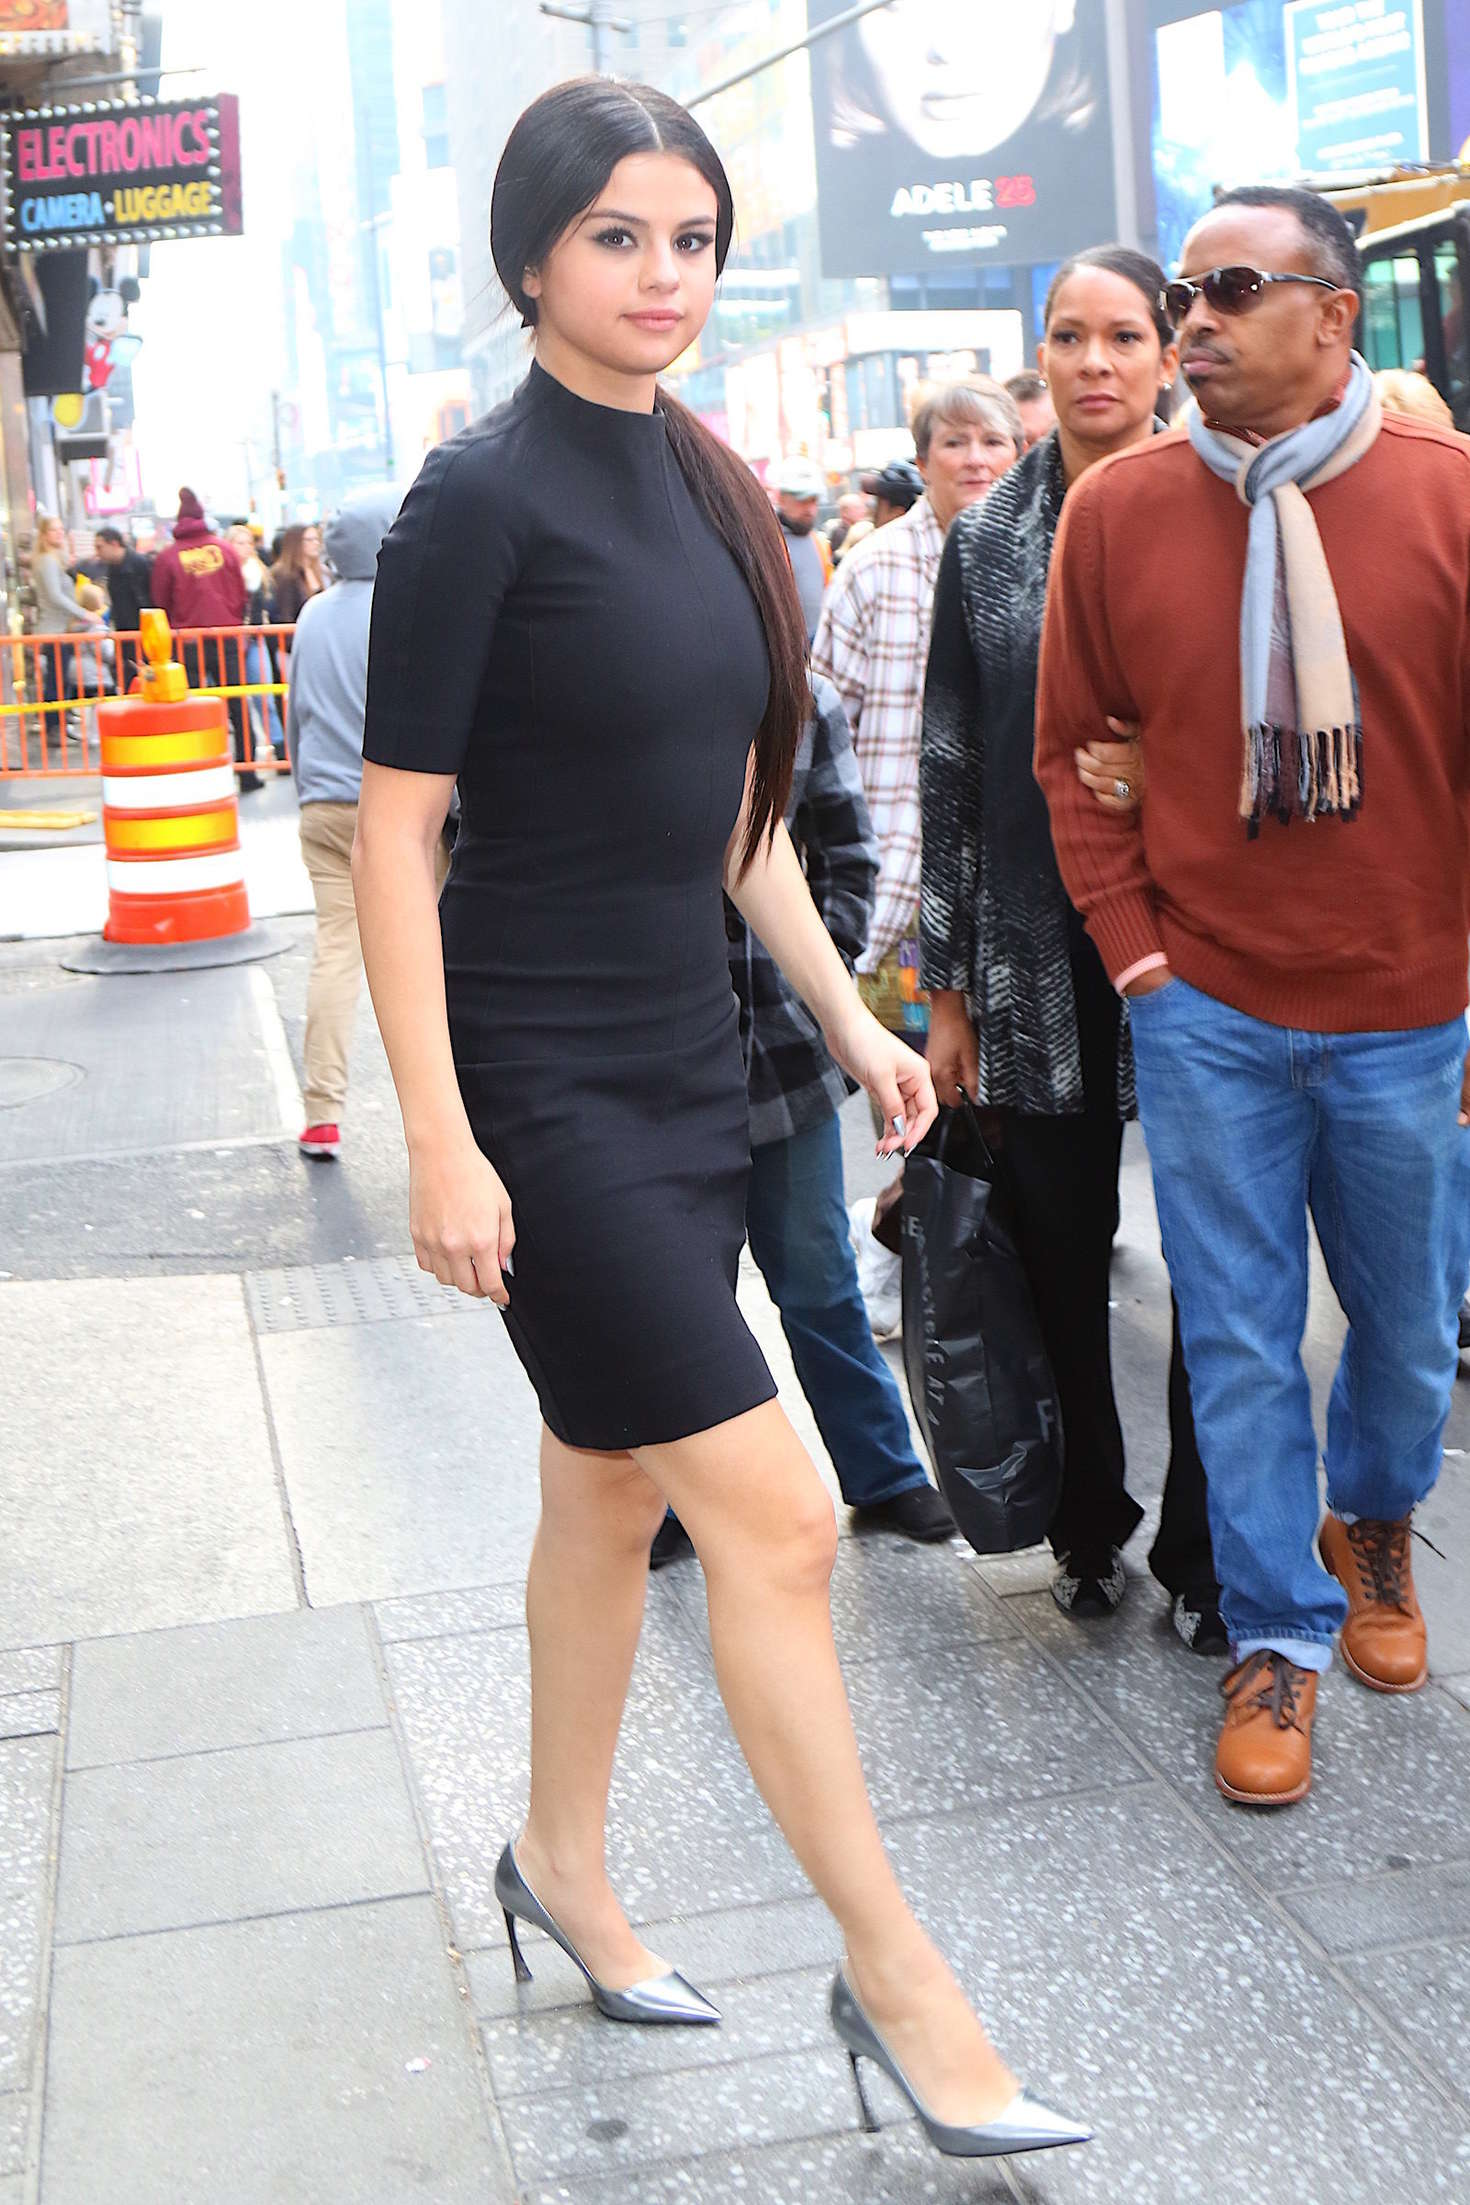 Selena Gomez 2015 : Selena Gomez in Black Mini Dress -14